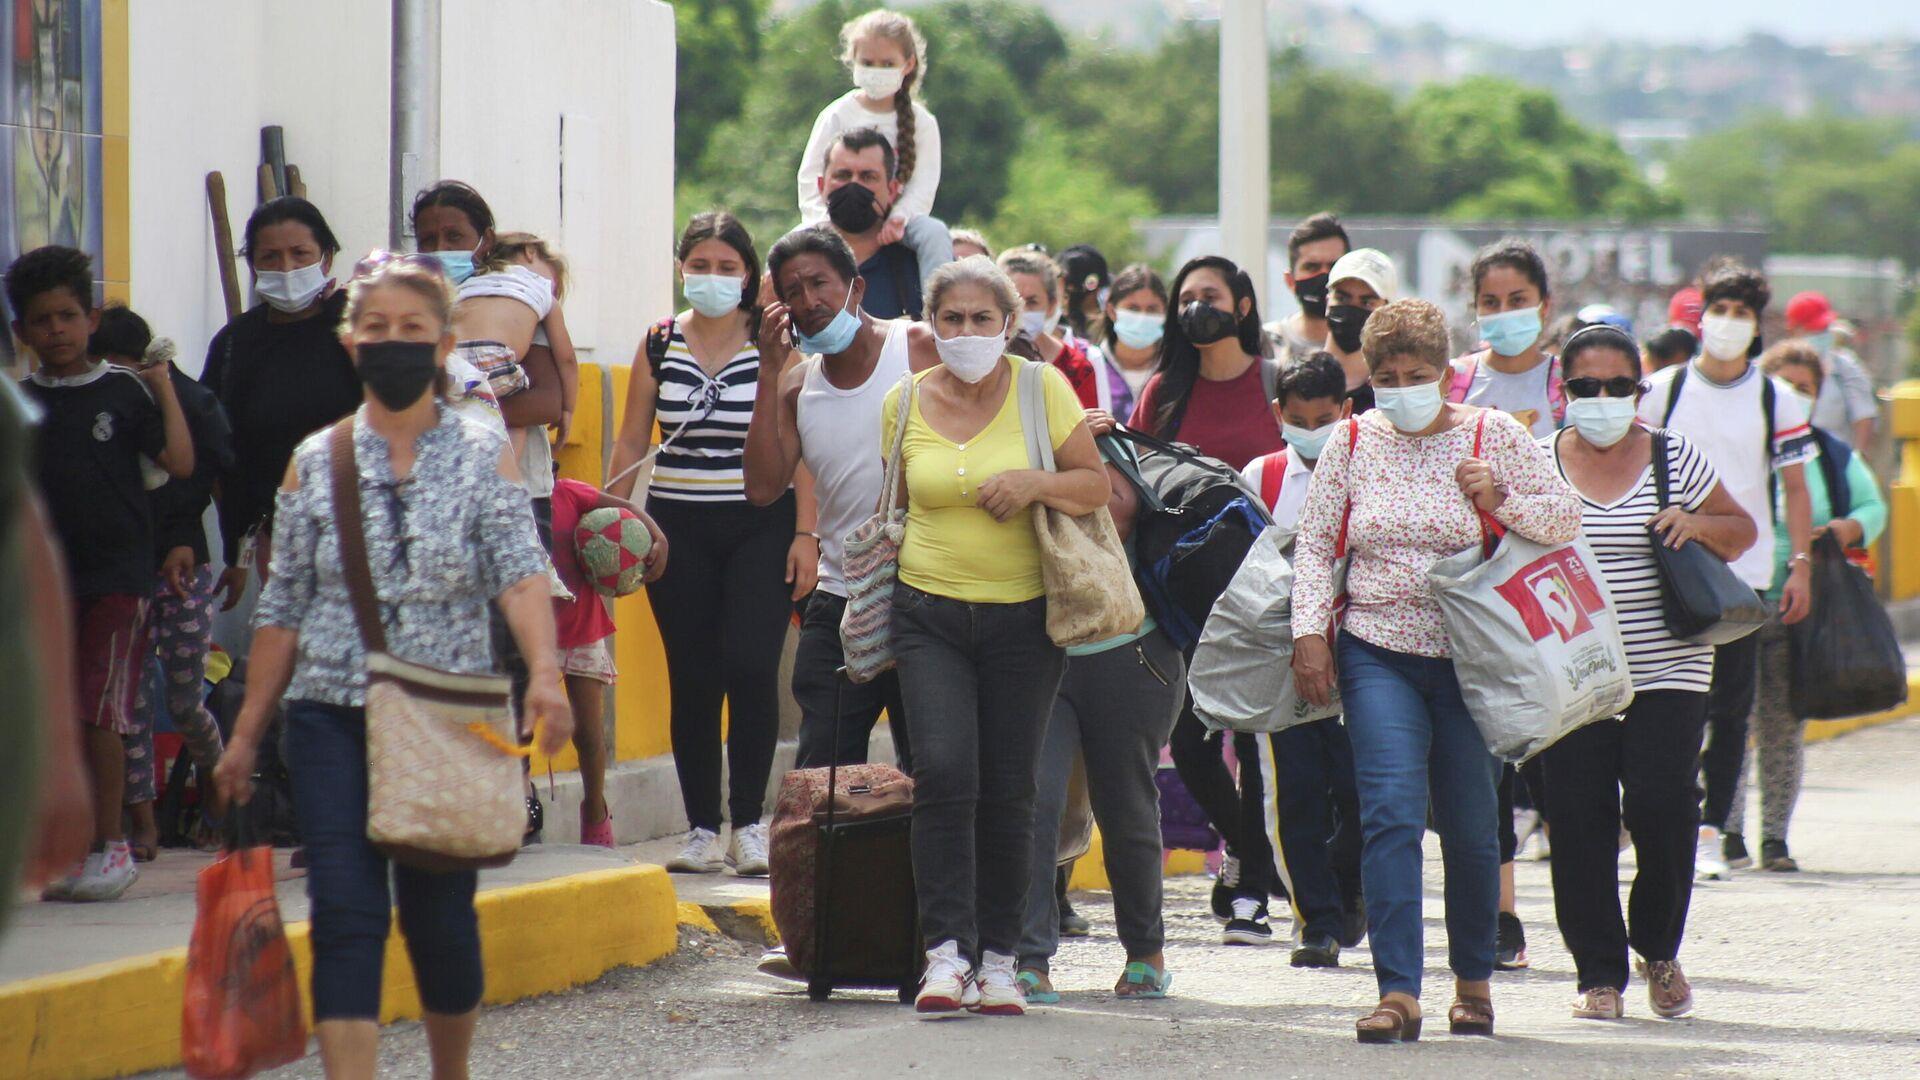 Personas autorizadas por razones humanitarias llegan por el puente internacional Simón Bolívar desde Cúcuta, Colombia, mientras se reabre el cruce en San Antonio del Táchira, Venezuela el 4 de octubre de 2021 - Sputnik Mundo, 1920, 05.10.2021